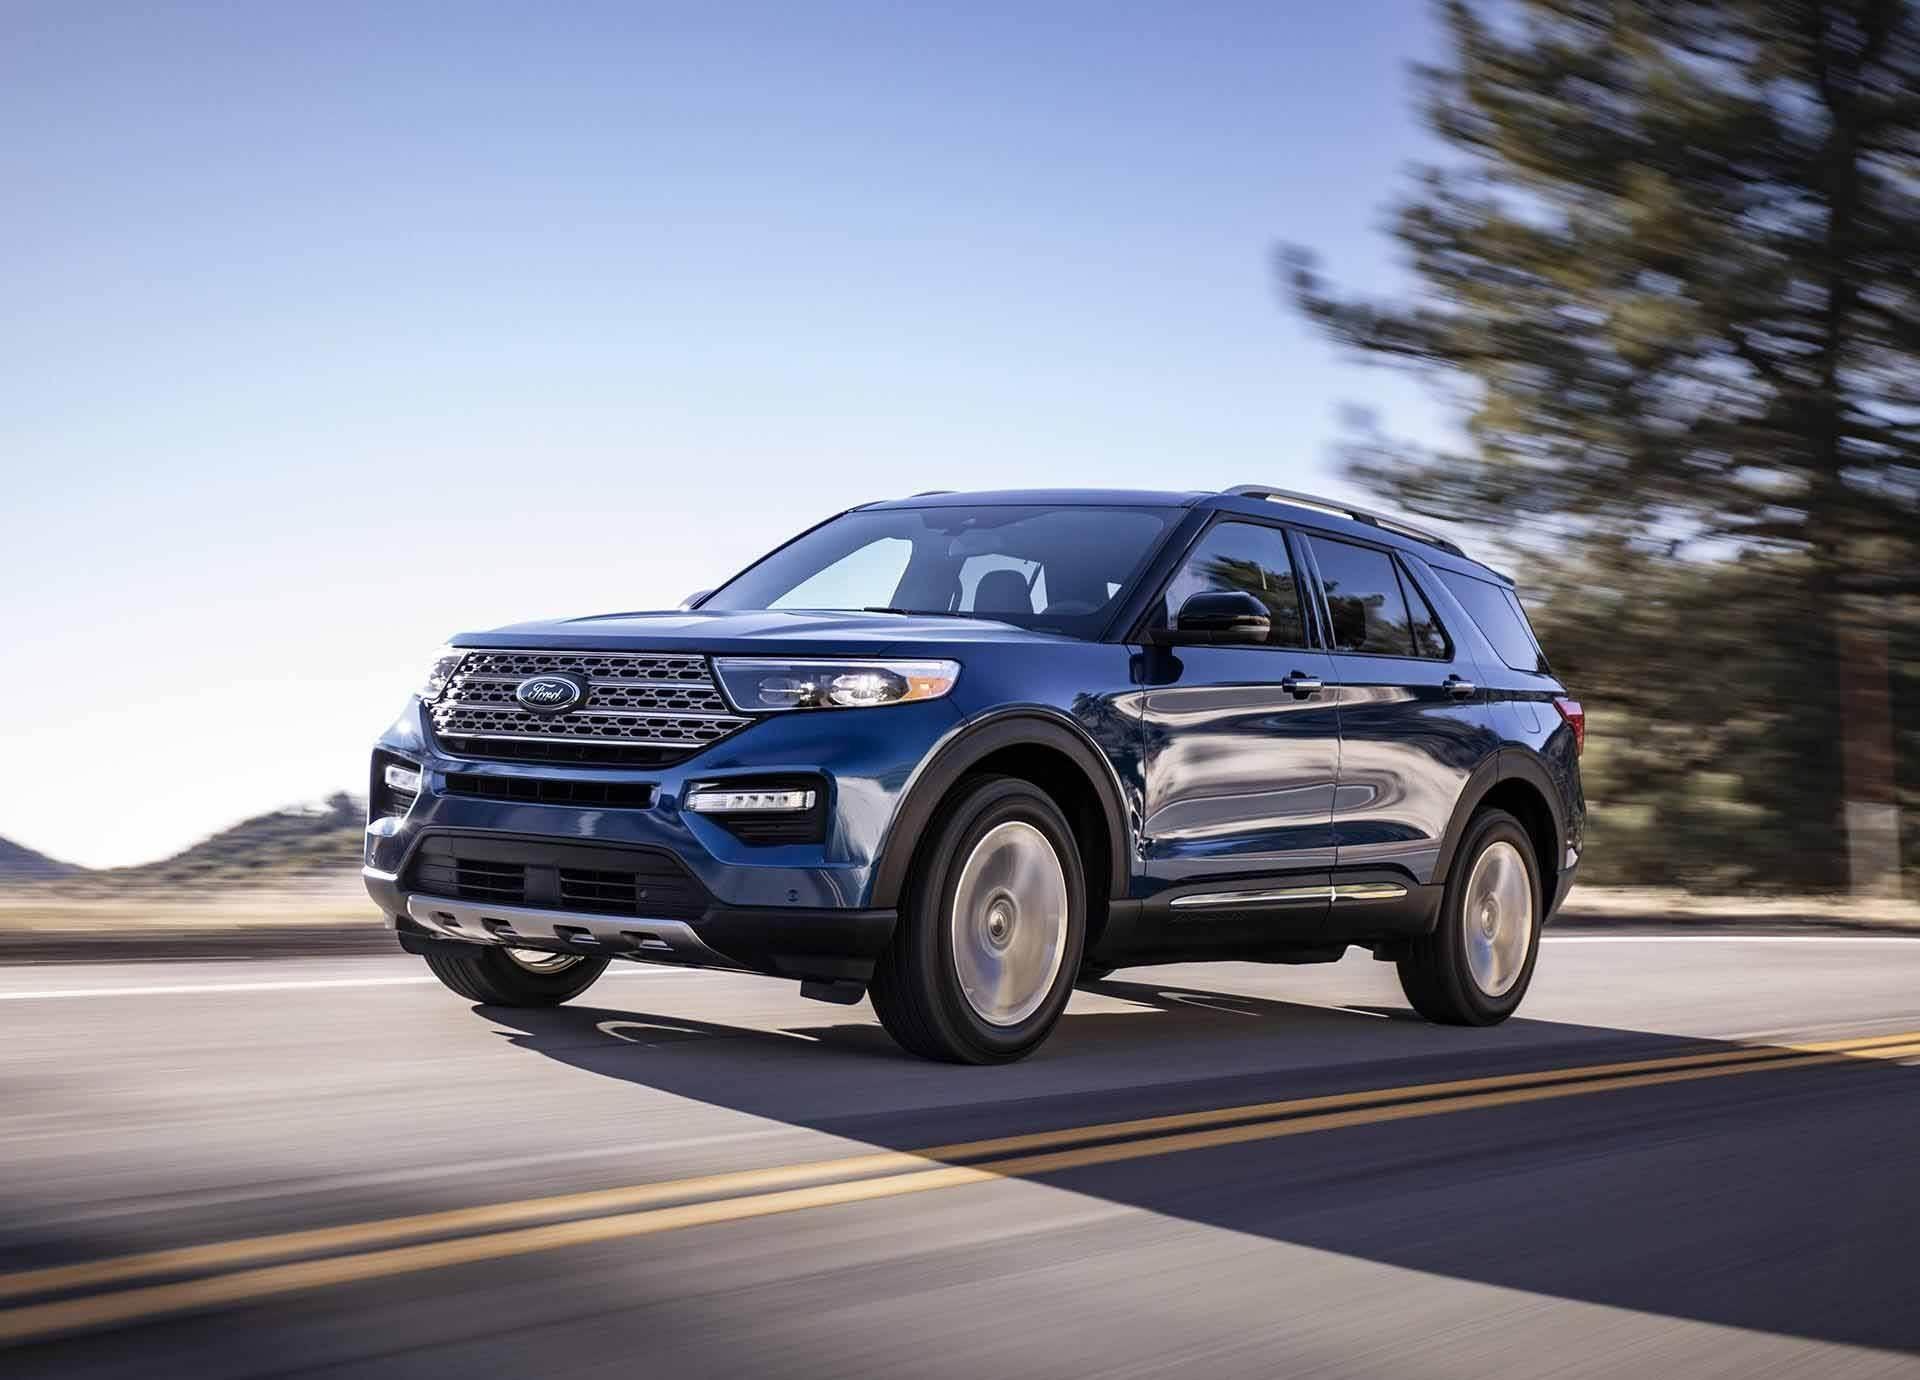 30萬級SUV選以下幾款,外形穩重,性價比高,開出去絕對有面-圖5